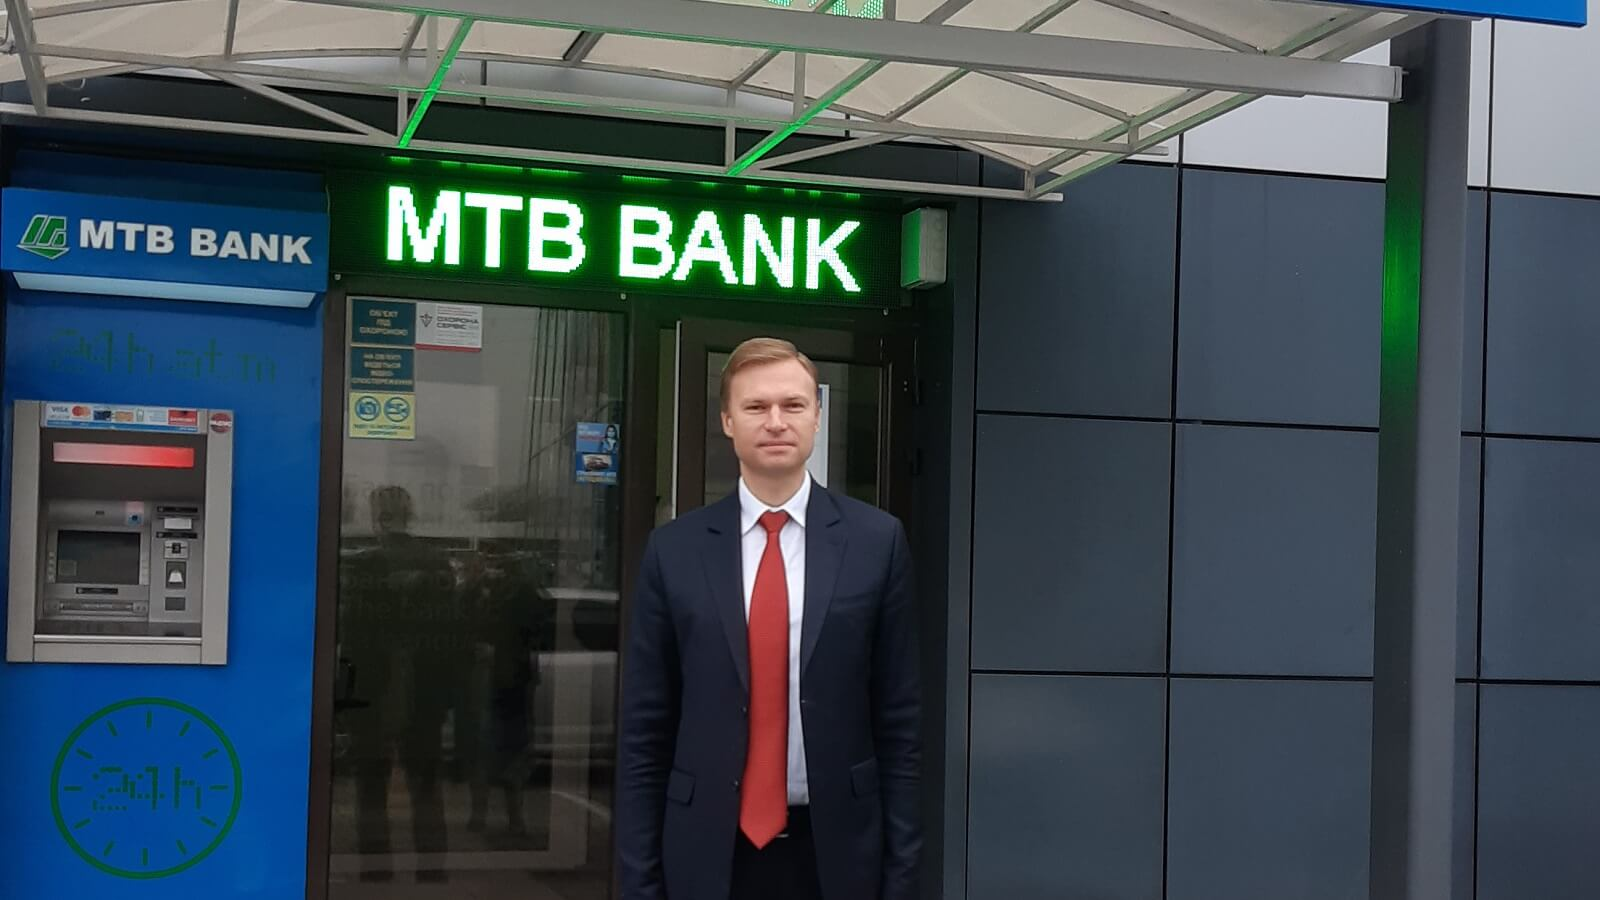 МТБ БАНК продолжает расширять сеть отделений - фото - mtb.ua